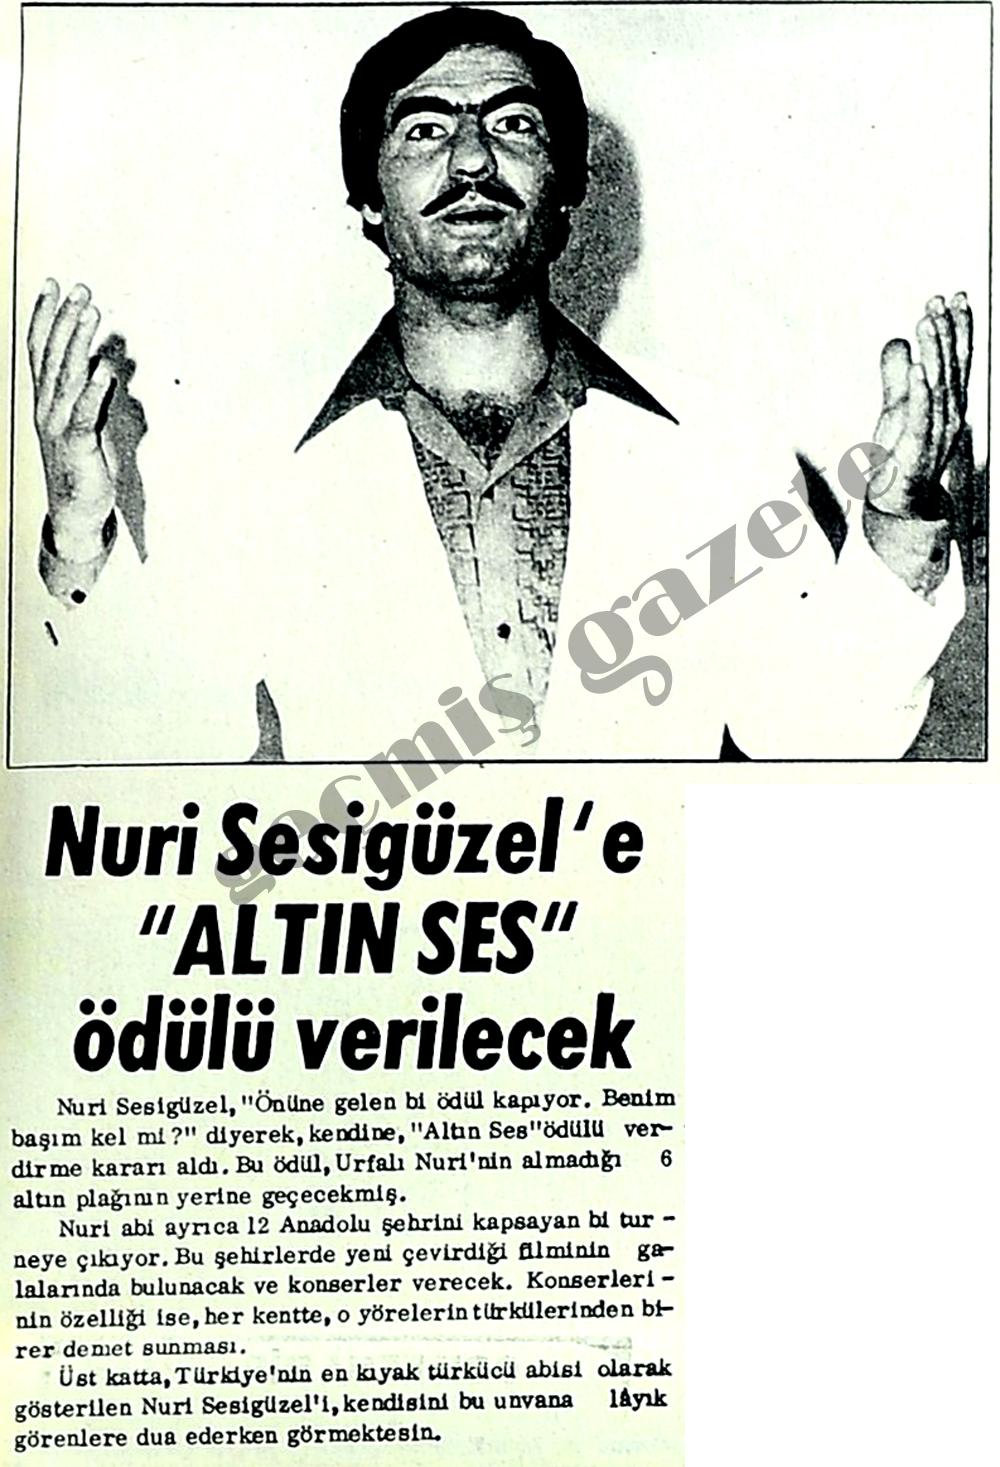 """Nuri Sesigüzel'e """"Altın Ses"""" ödülü verilecek"""